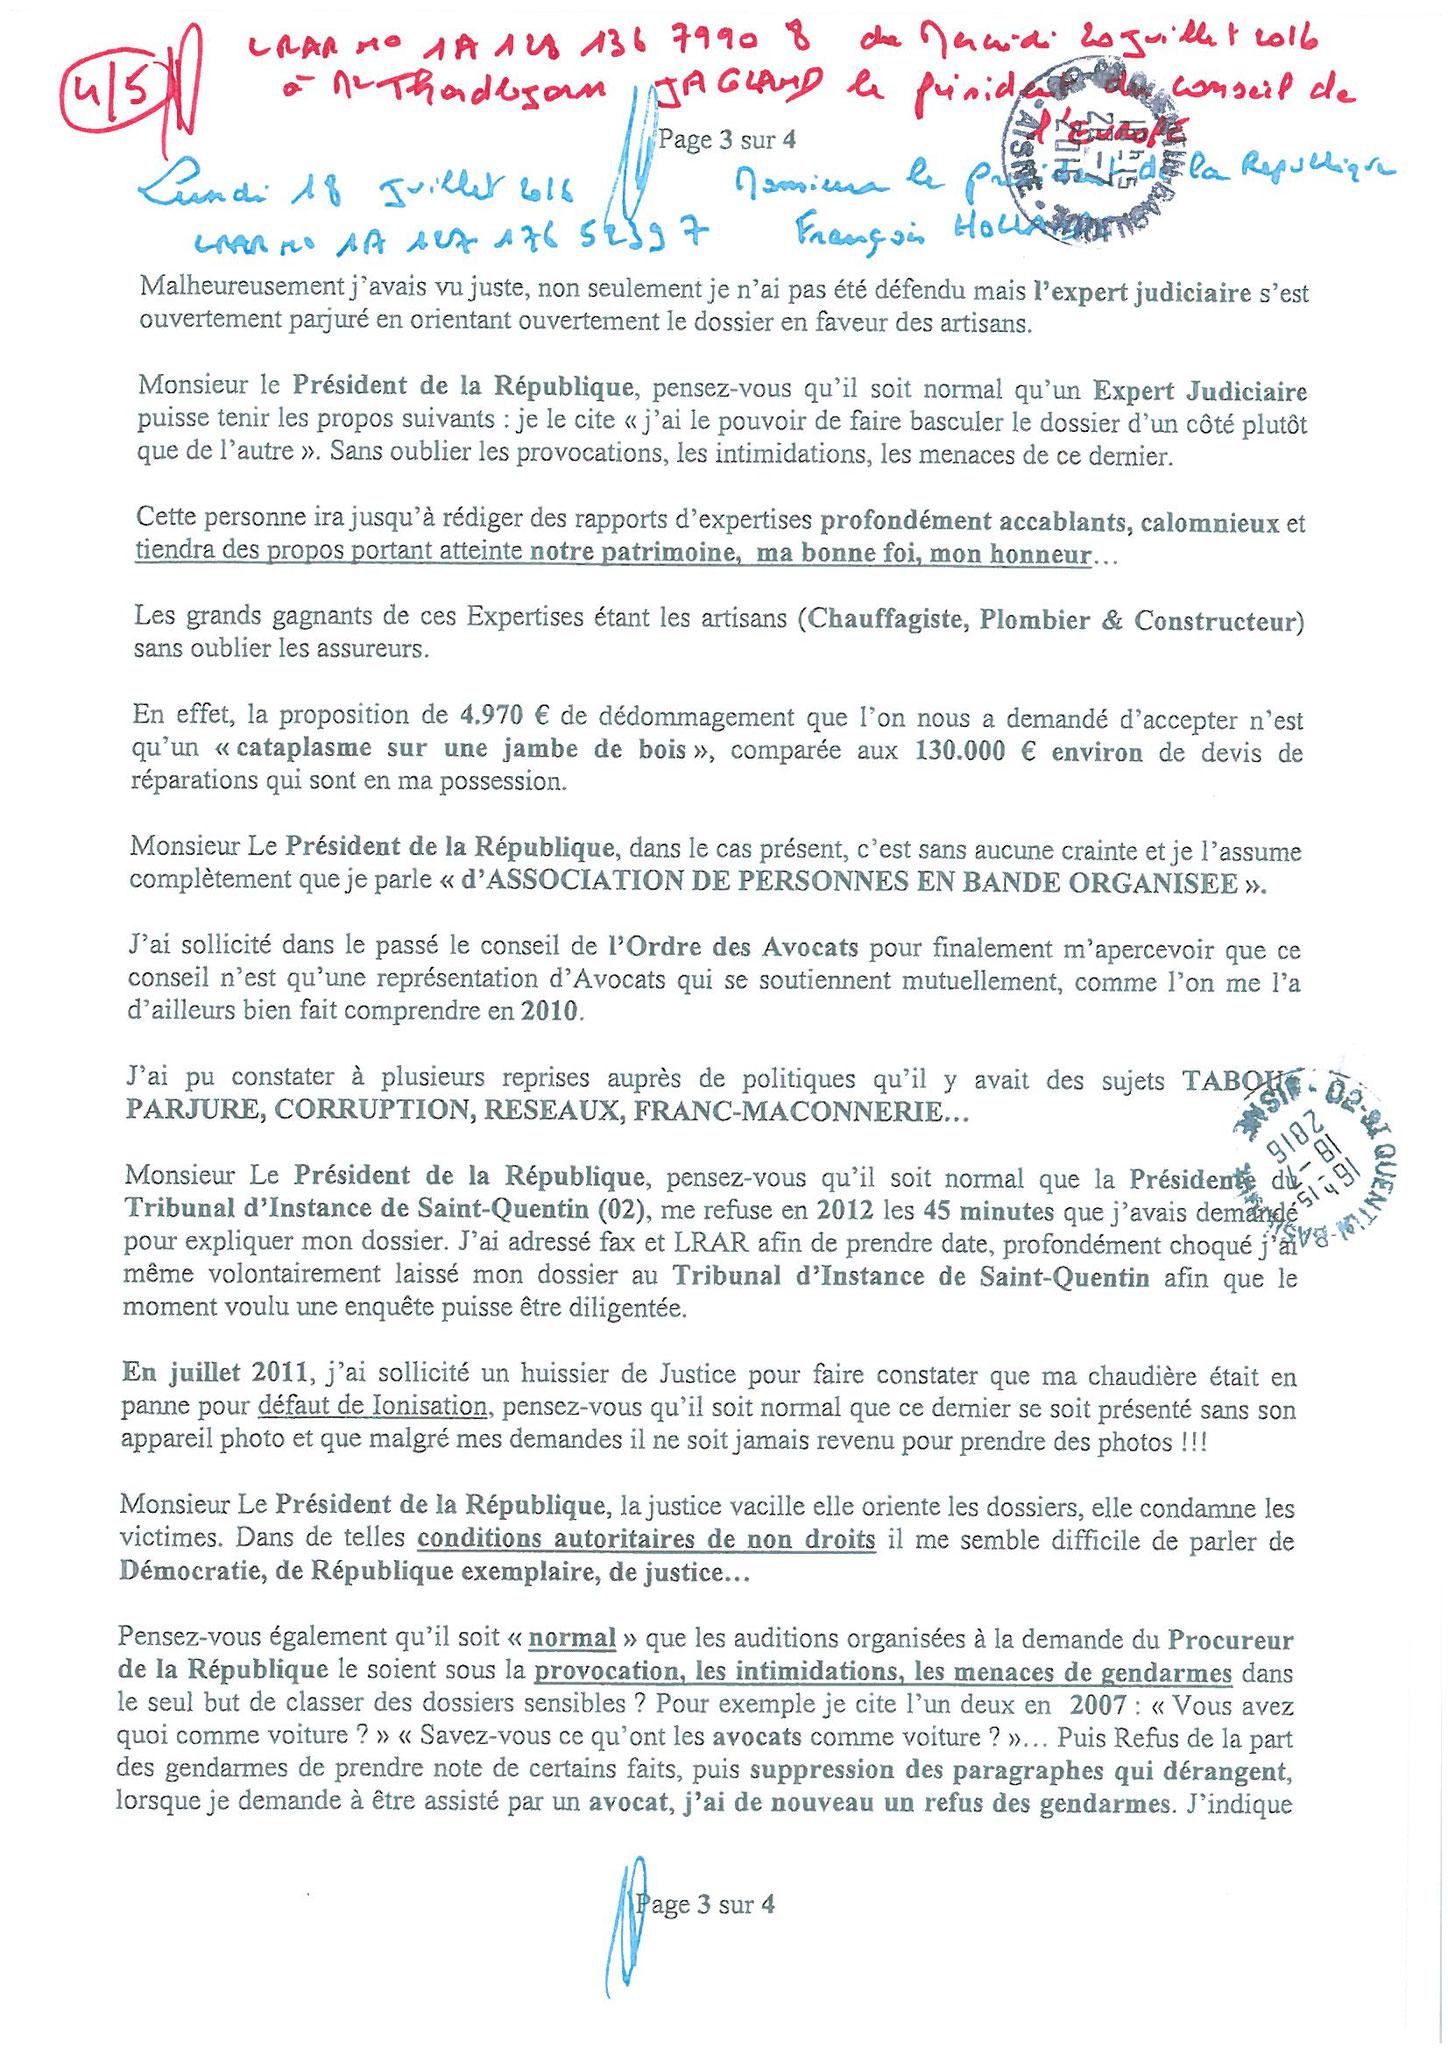 LRAR du 20 Juillet 2016 à Monsieur Thordjorn JAGLAND le Secrétaire Général du Conseil de l'Europe page 4 sur 5